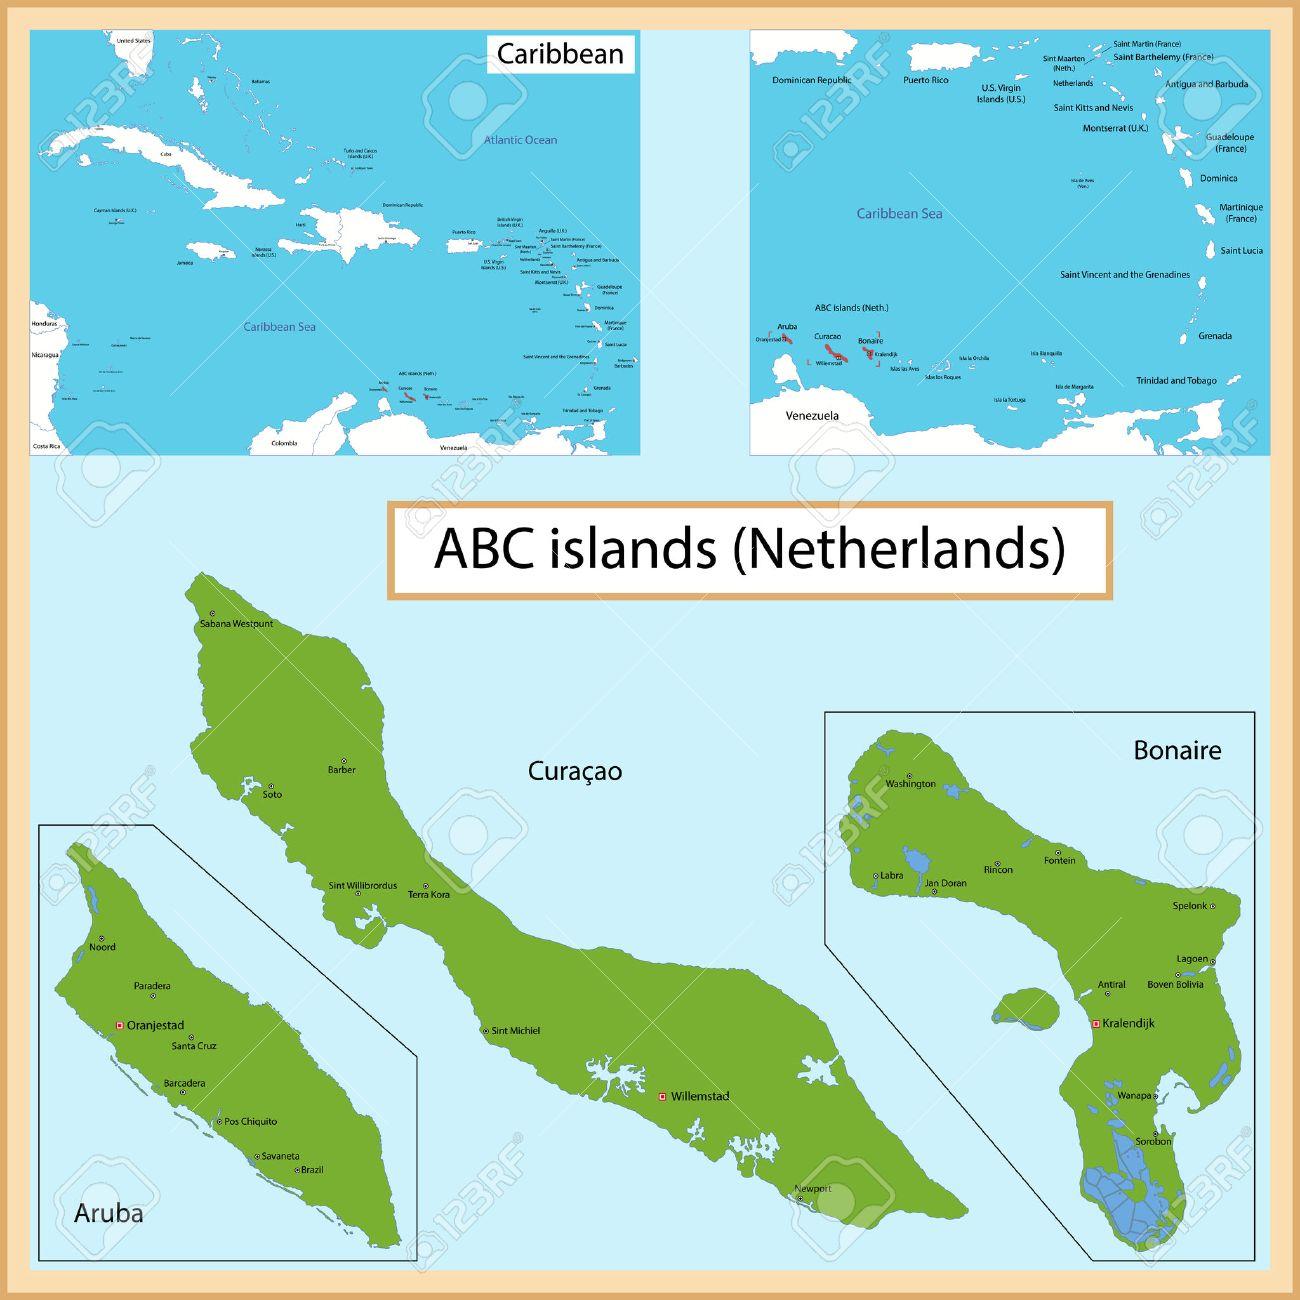 Kaart Van De Aruba Bonaire Curacao Eilanden Getekend Met Hoog